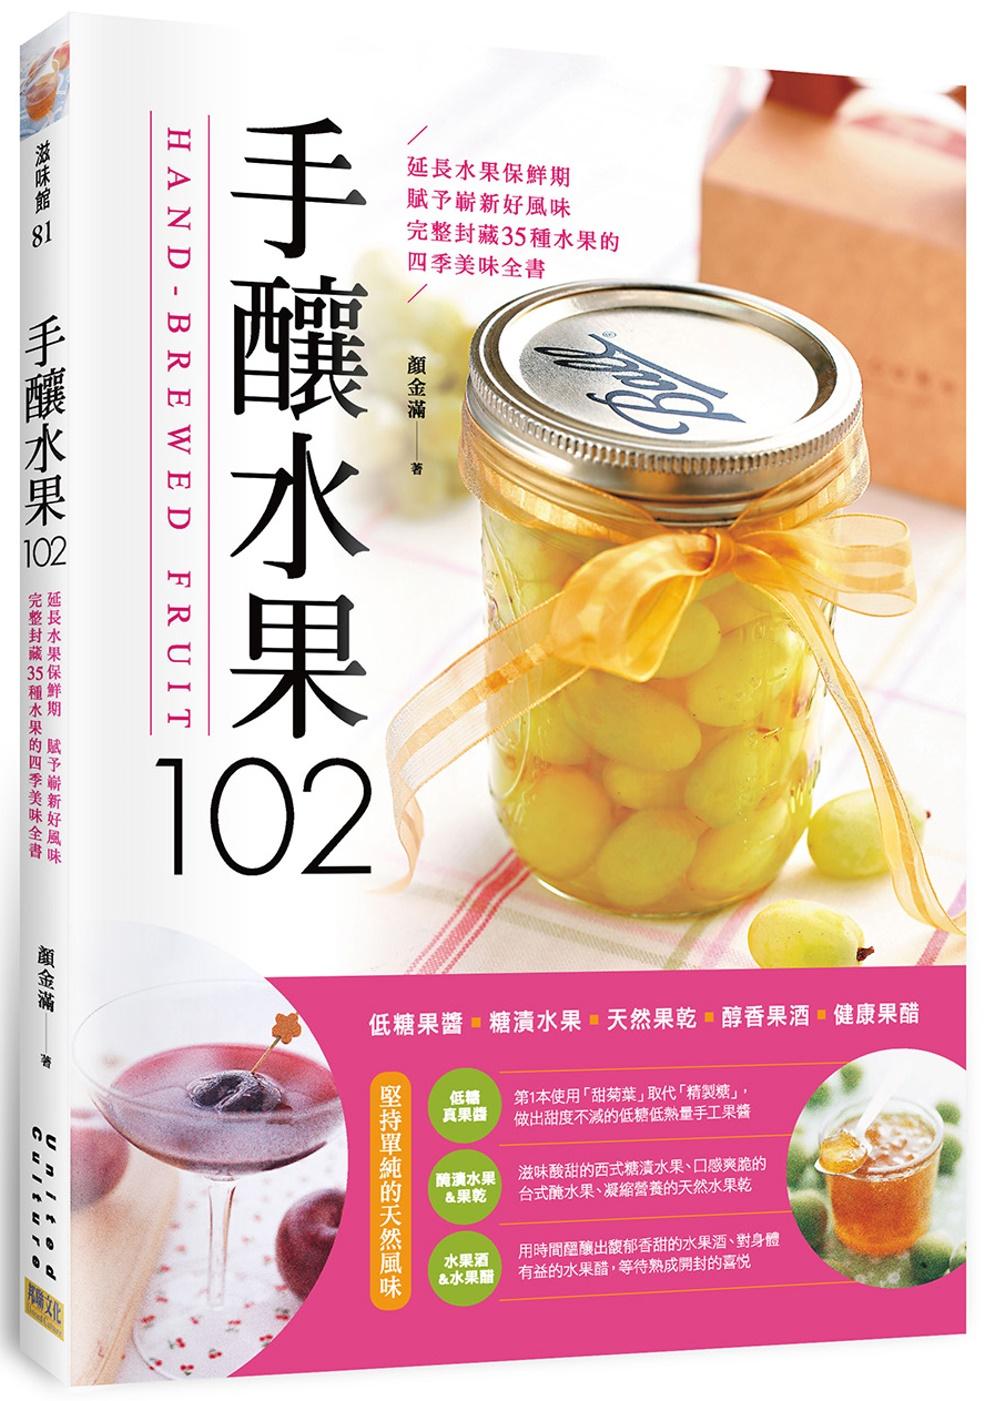 手釀水果102:低糖果醬‧糖漬水果‧天然果乾‧醇香果酒‧健康果醋